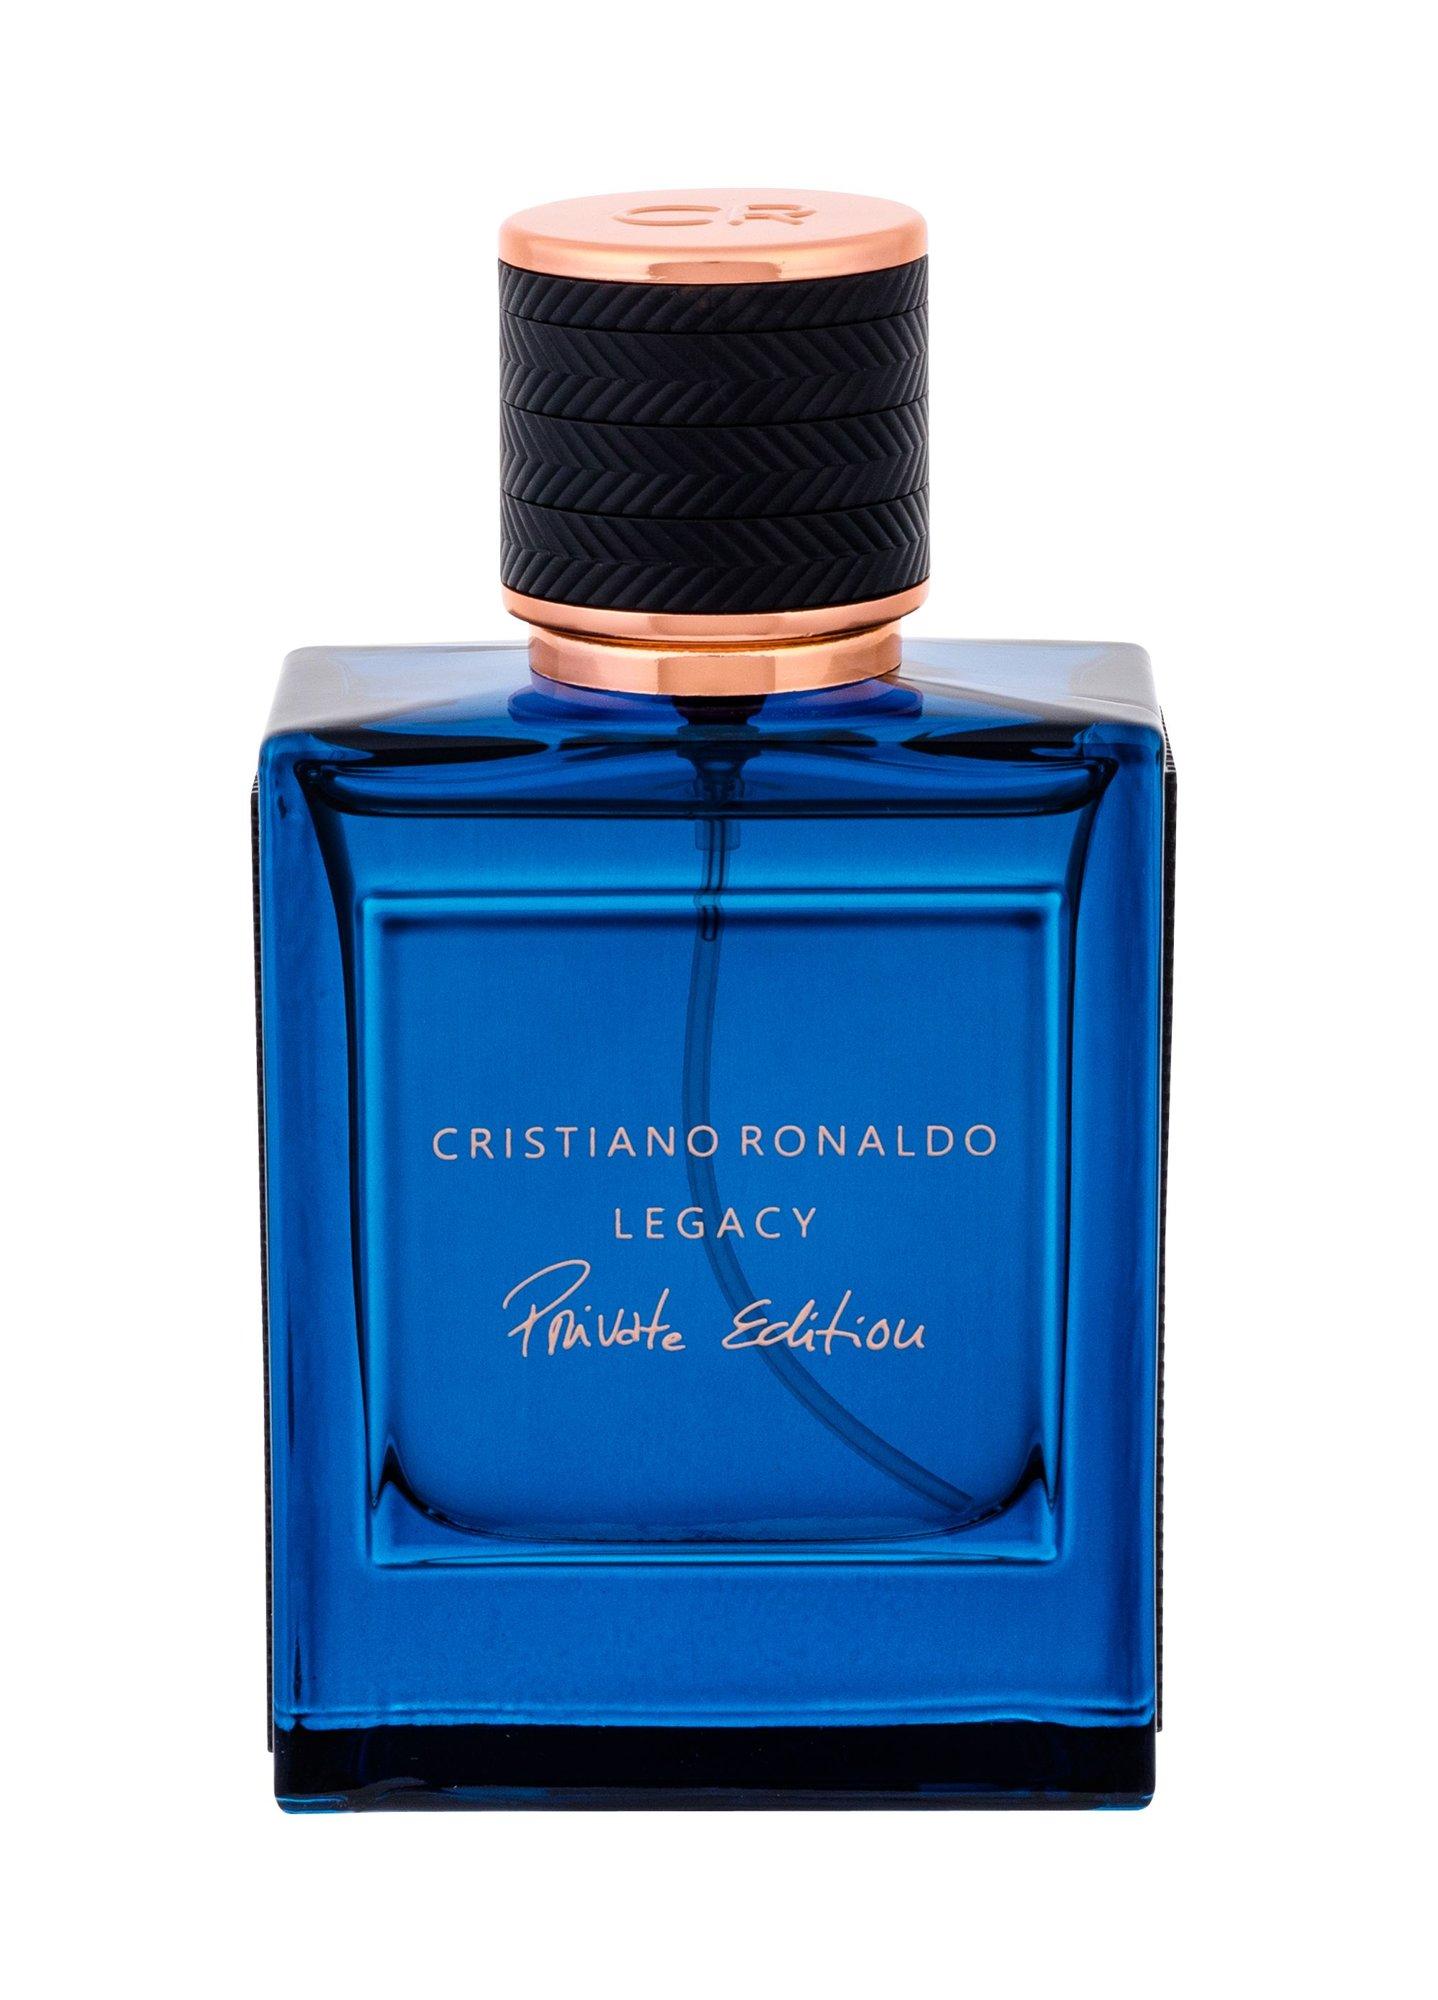 Cristiano Ronaldo Legacy Private Edition EDP 50ml